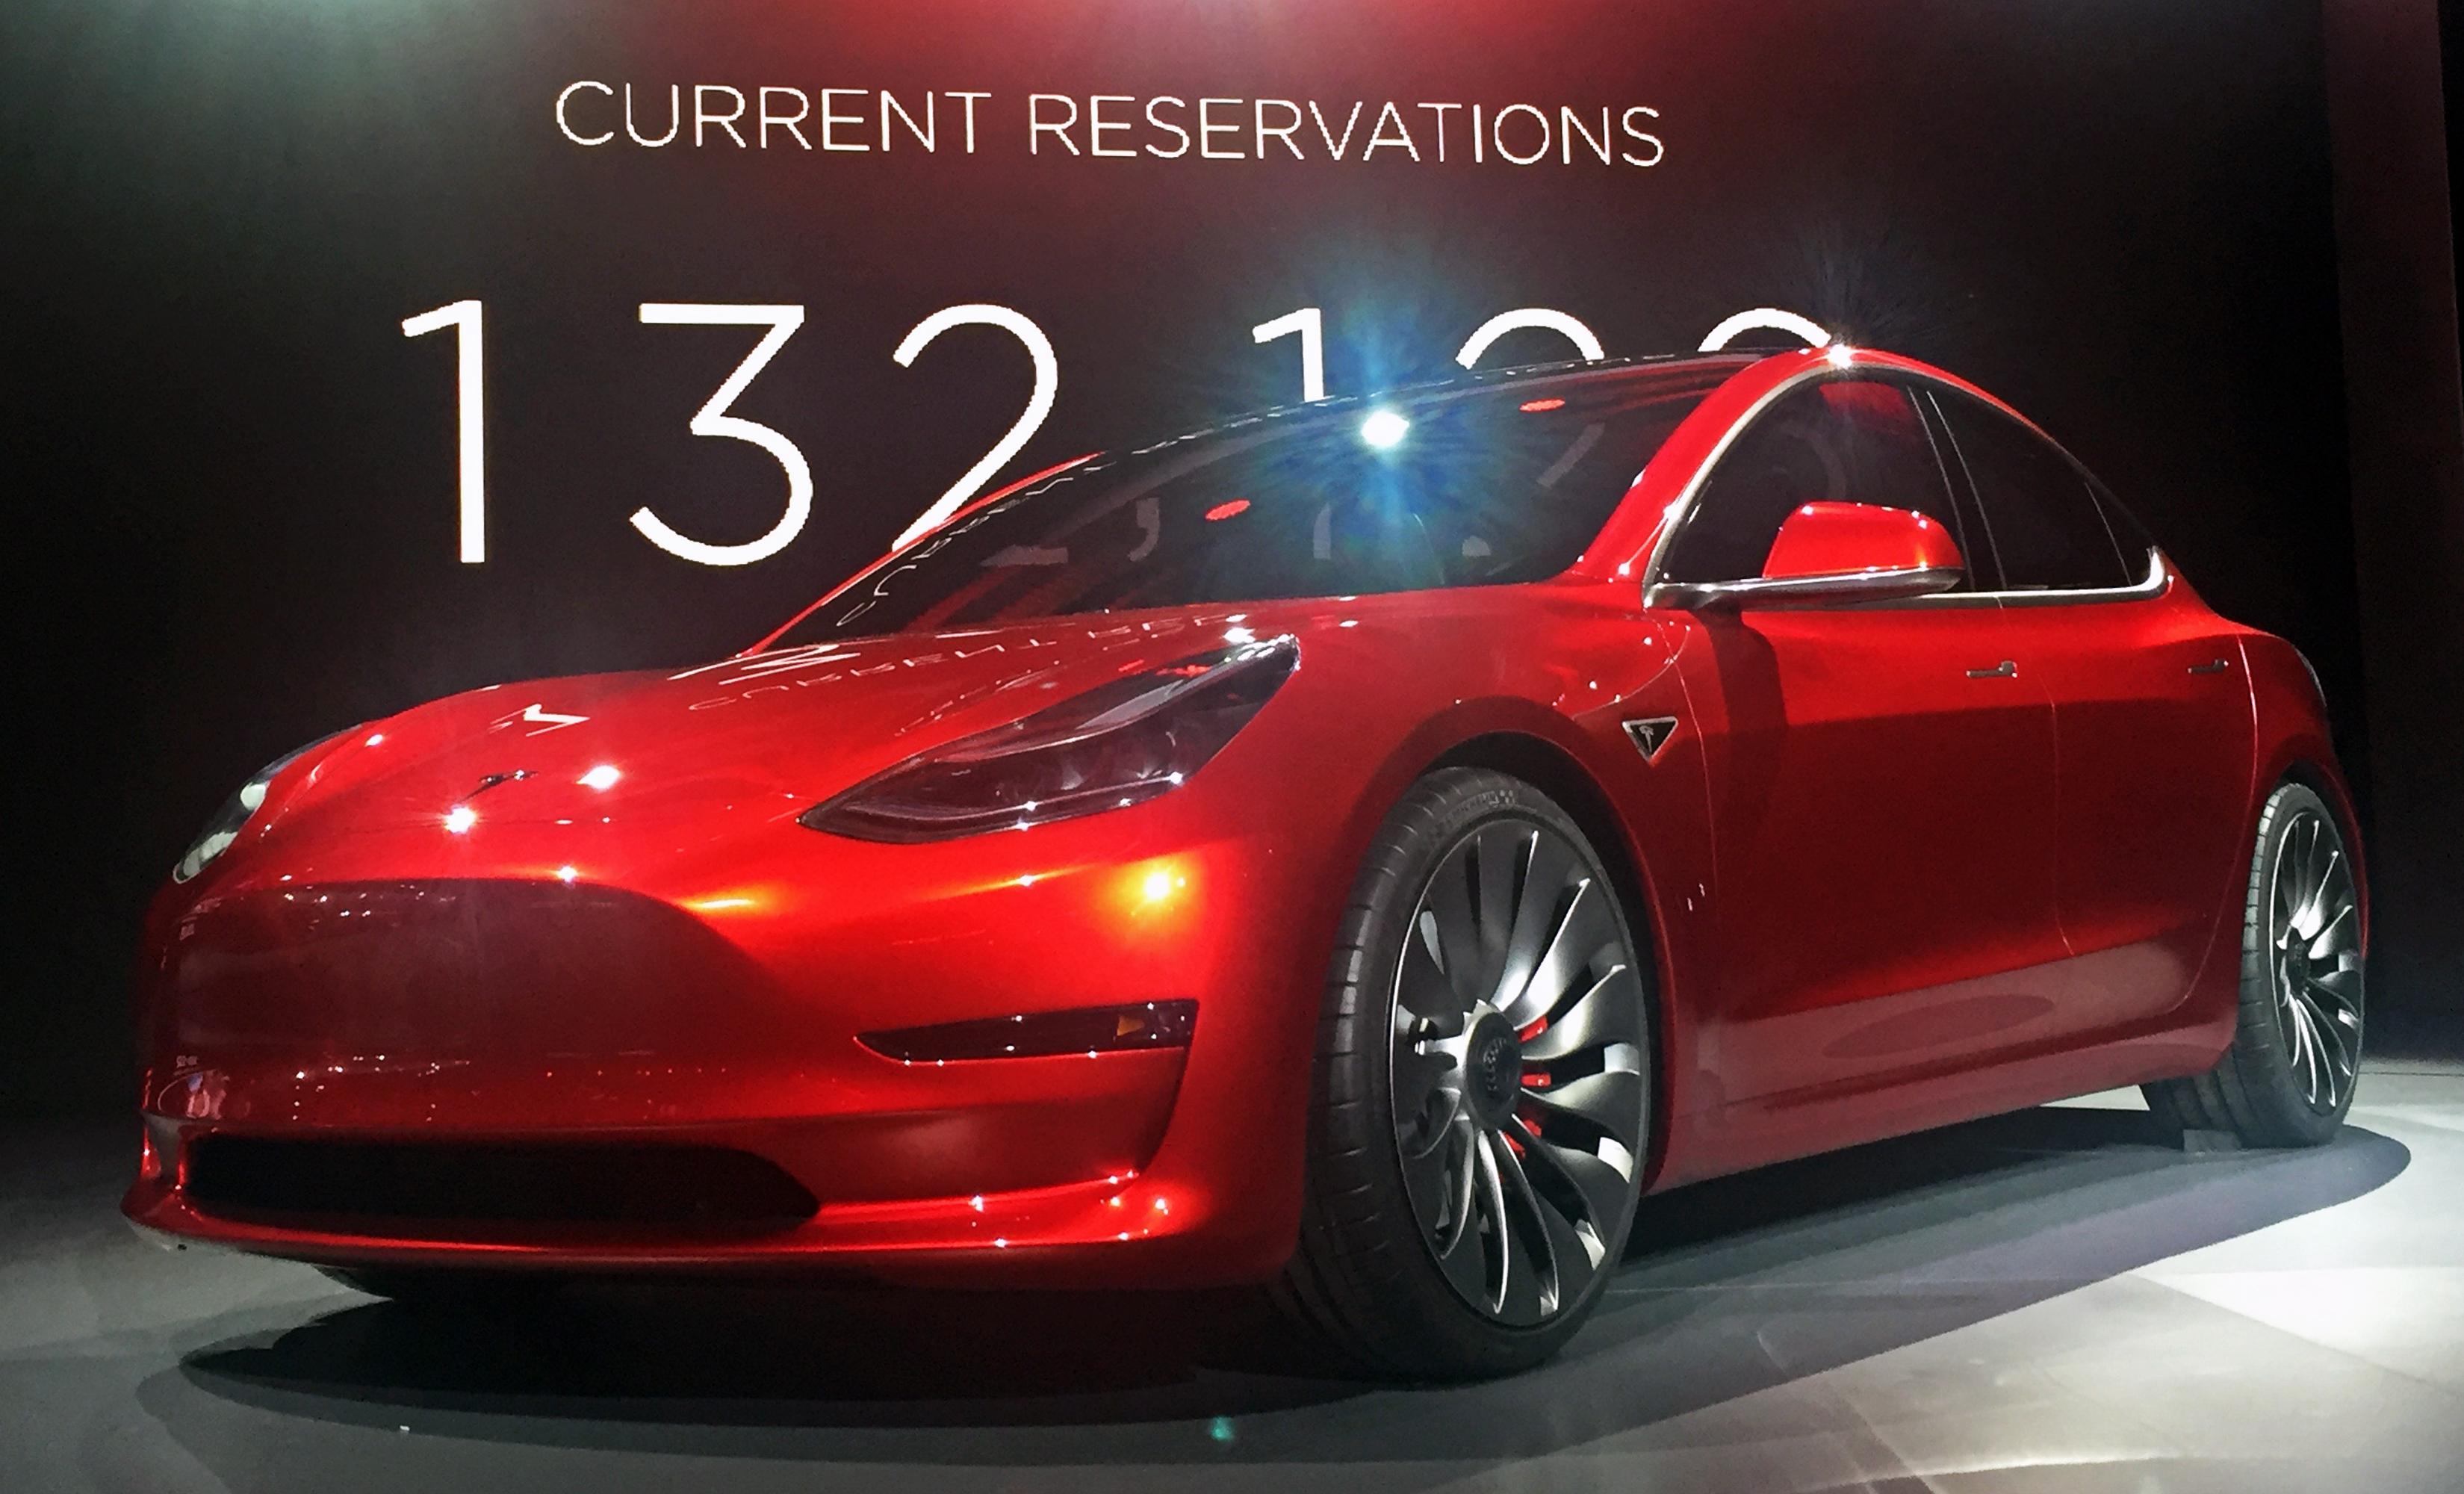 The Tesla 3